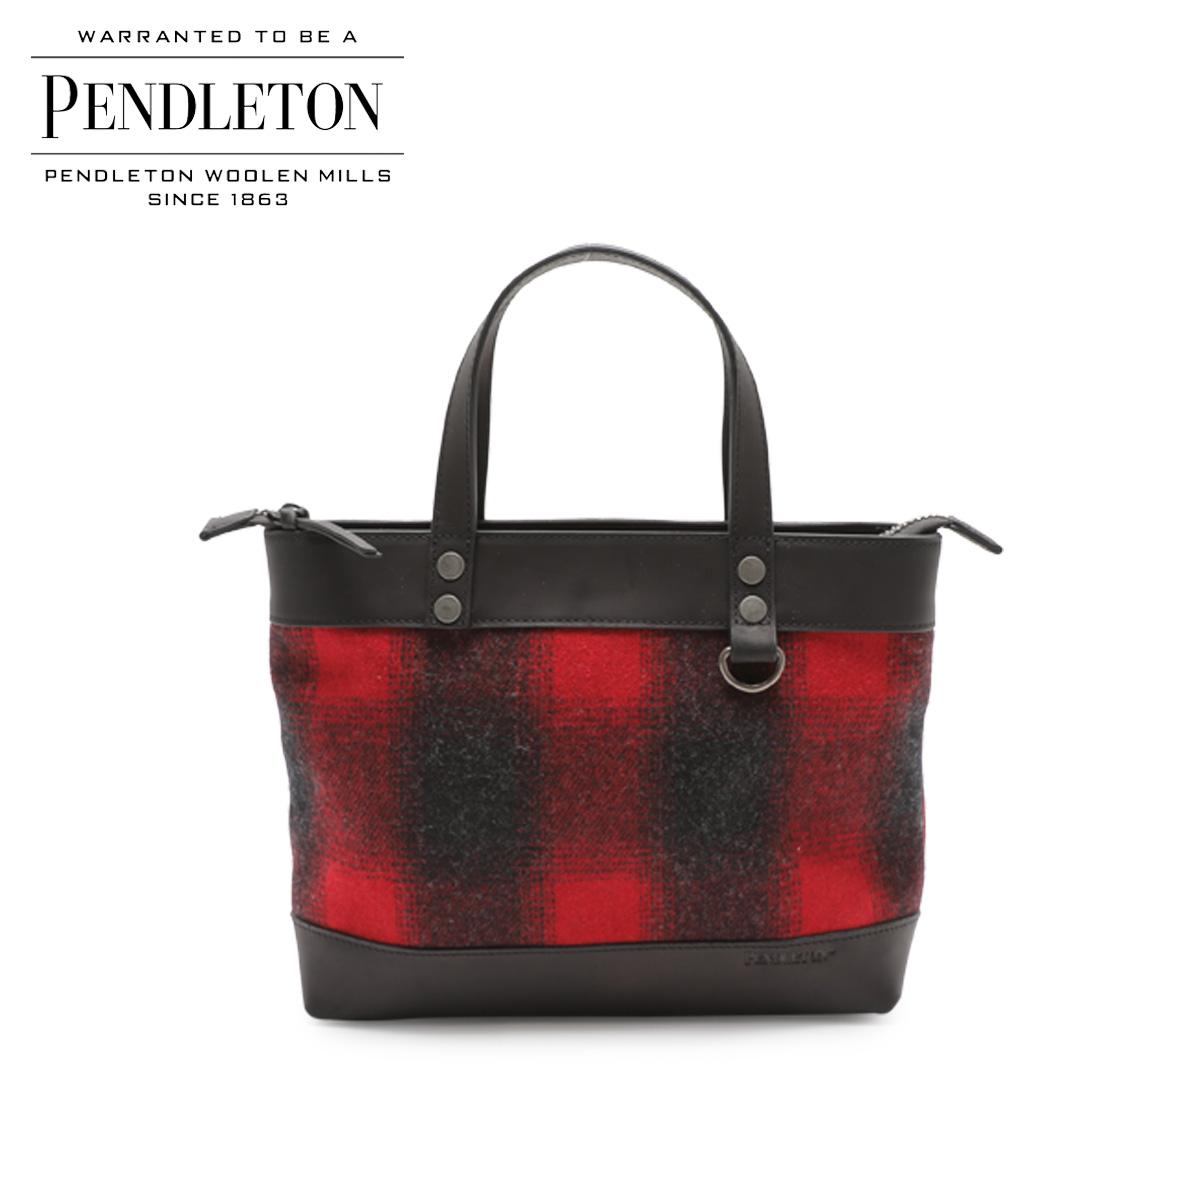 PENDLETON ペンドルトン バッグ トートバッグ ショルダー WOOL BAG WITH STRAP メンズ レディース レッド 赤 GD143